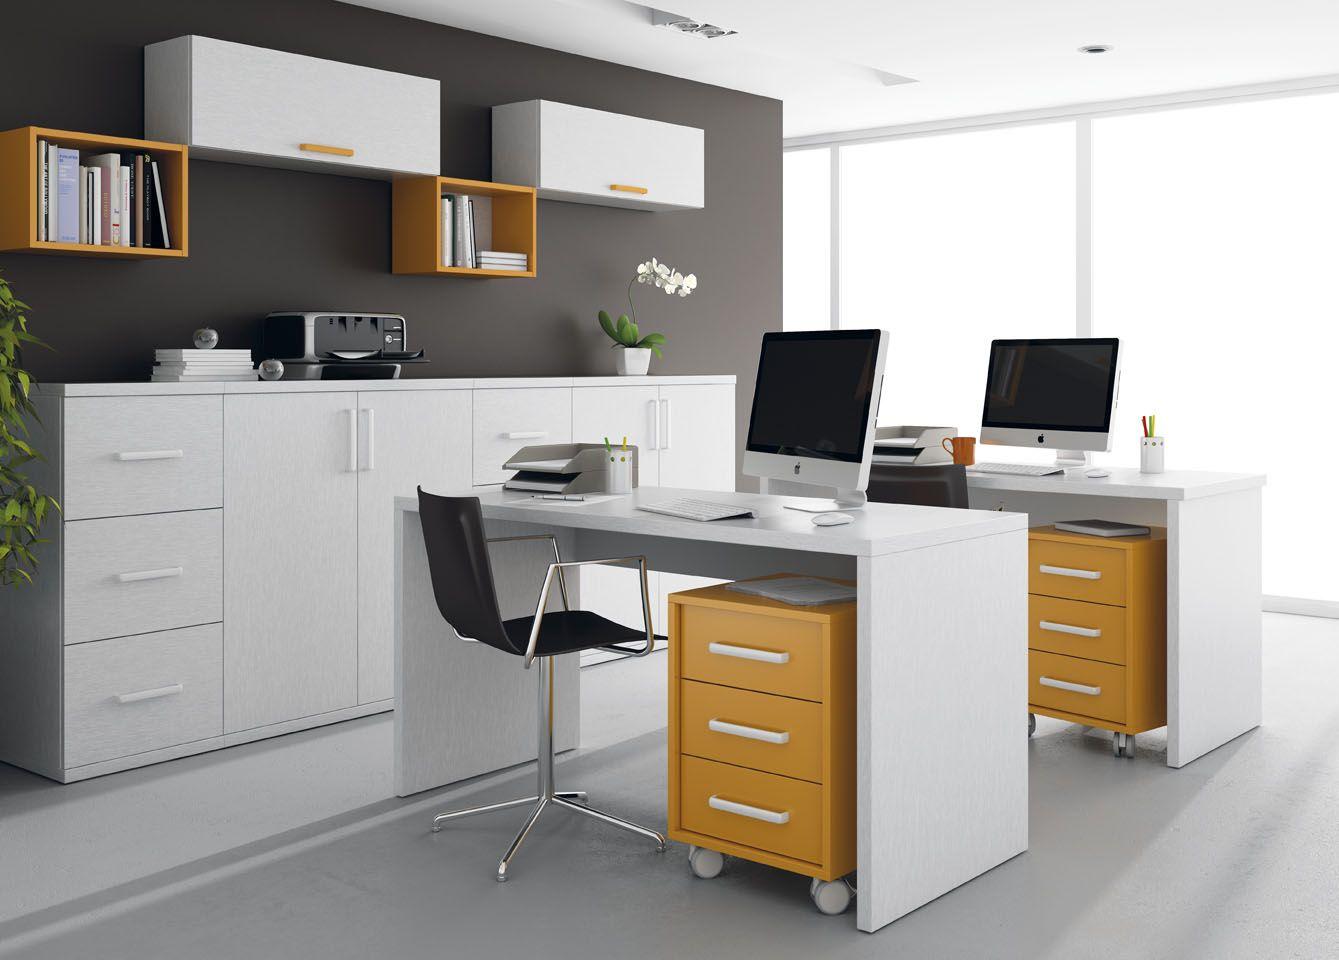 Con los #muebles de #oficina de @mobioficcom mobiliario de oficina